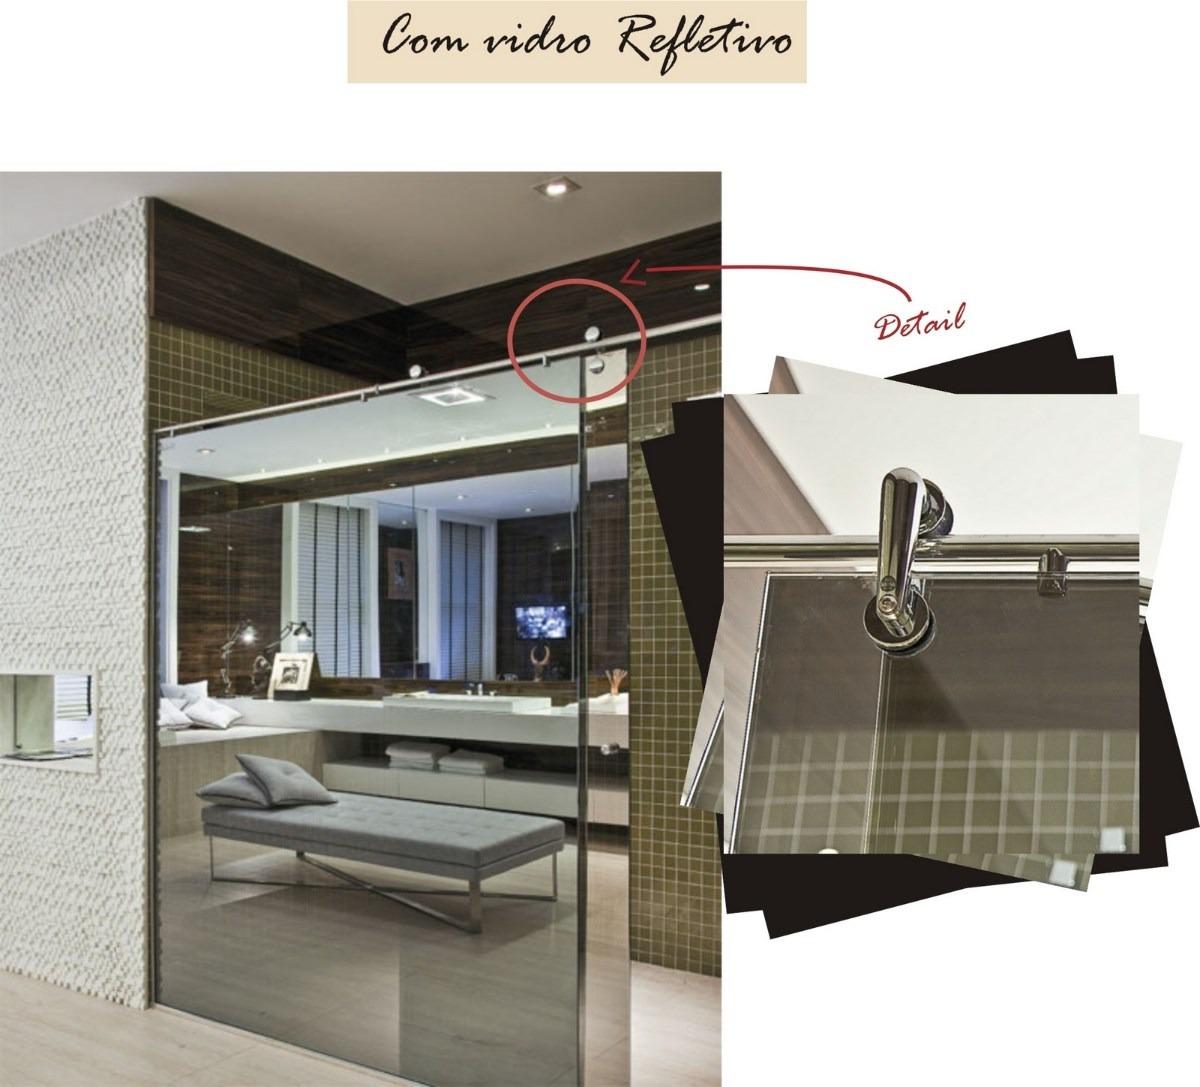 Imagens de #526079 Box Espelhado Temperado Refletivo Neutral 14 Incolor 8 Mm R$ 480 00  1200x1087 px 2550 Box Banheiro Vidro Espelhado